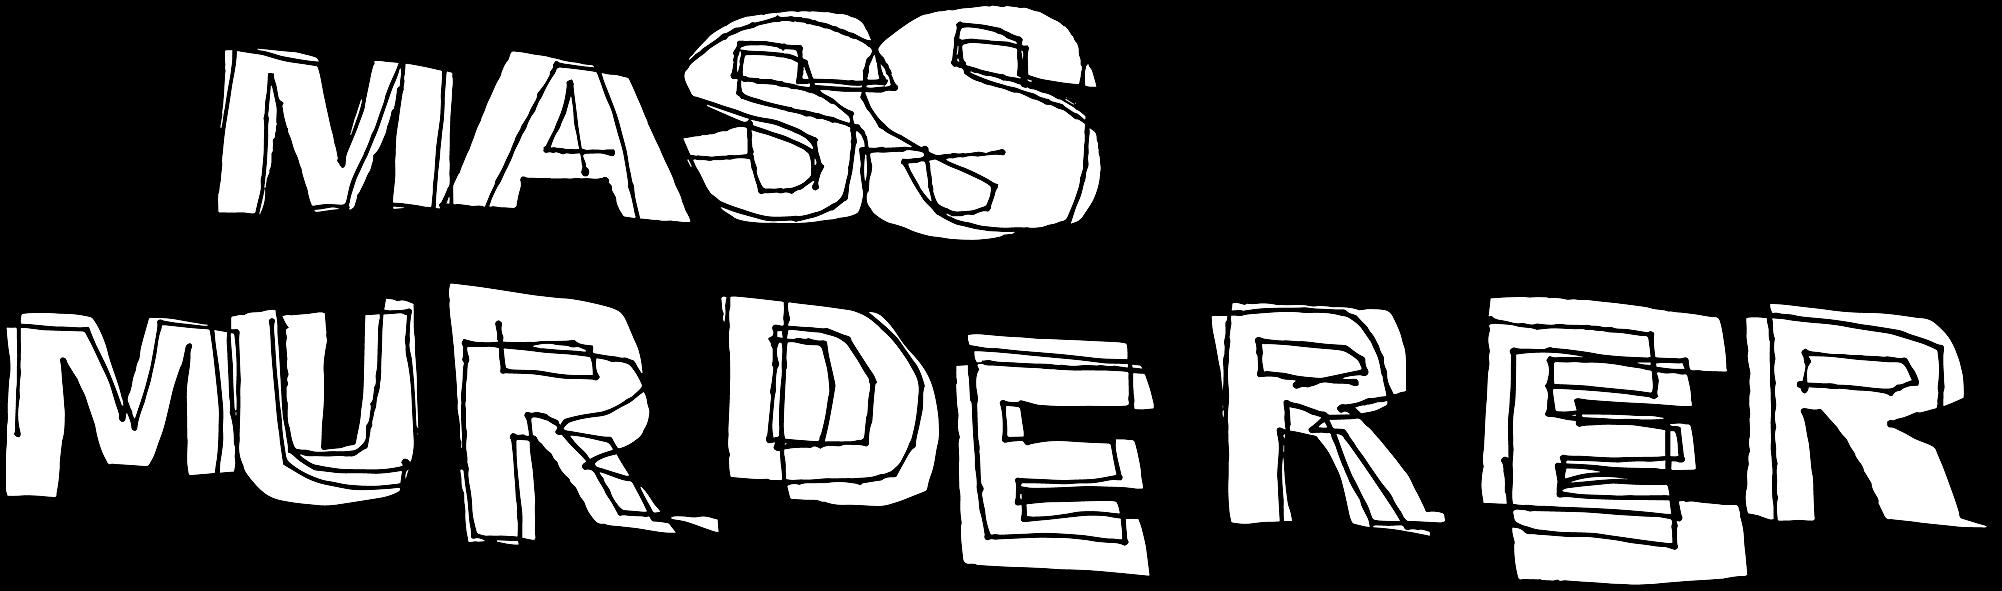 vector_MASS_MURDERER-01.png